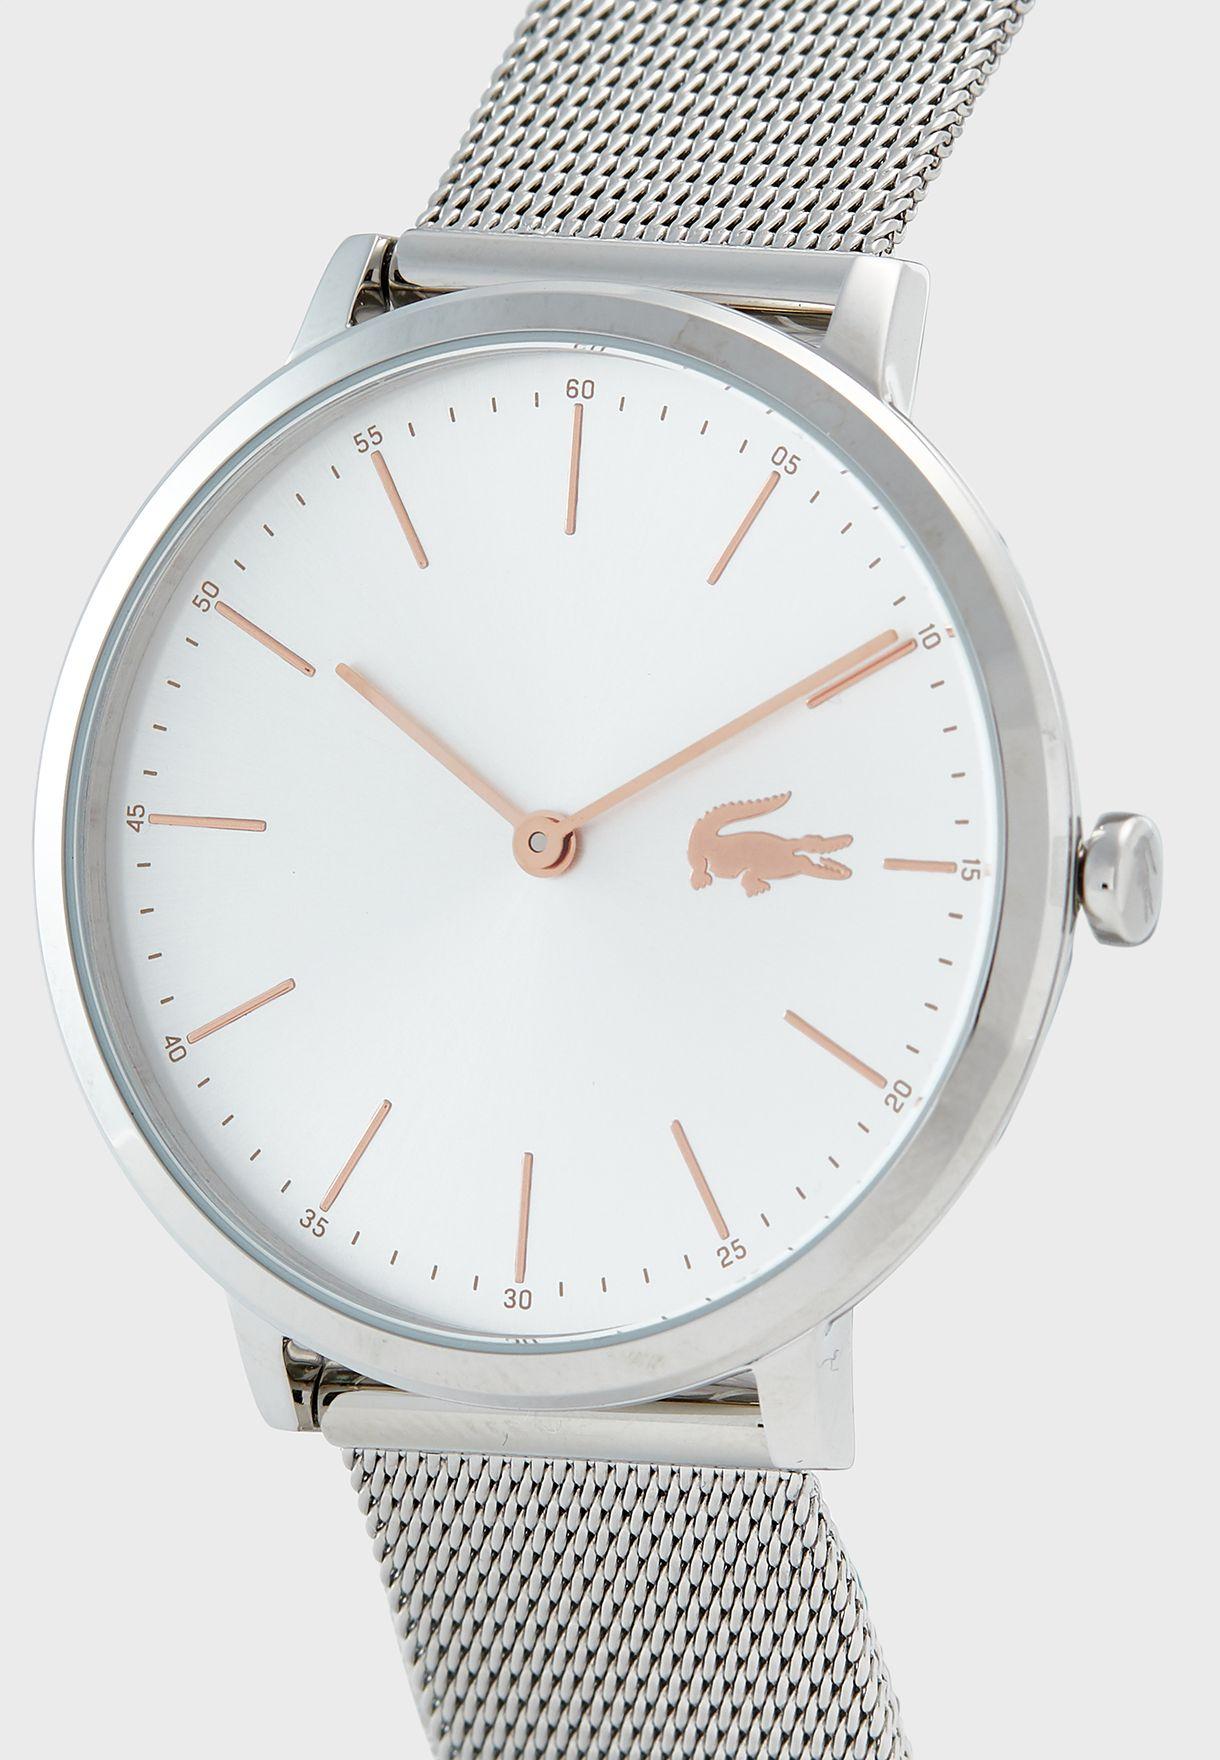 ساعة بحزام من المعدن الشبكي